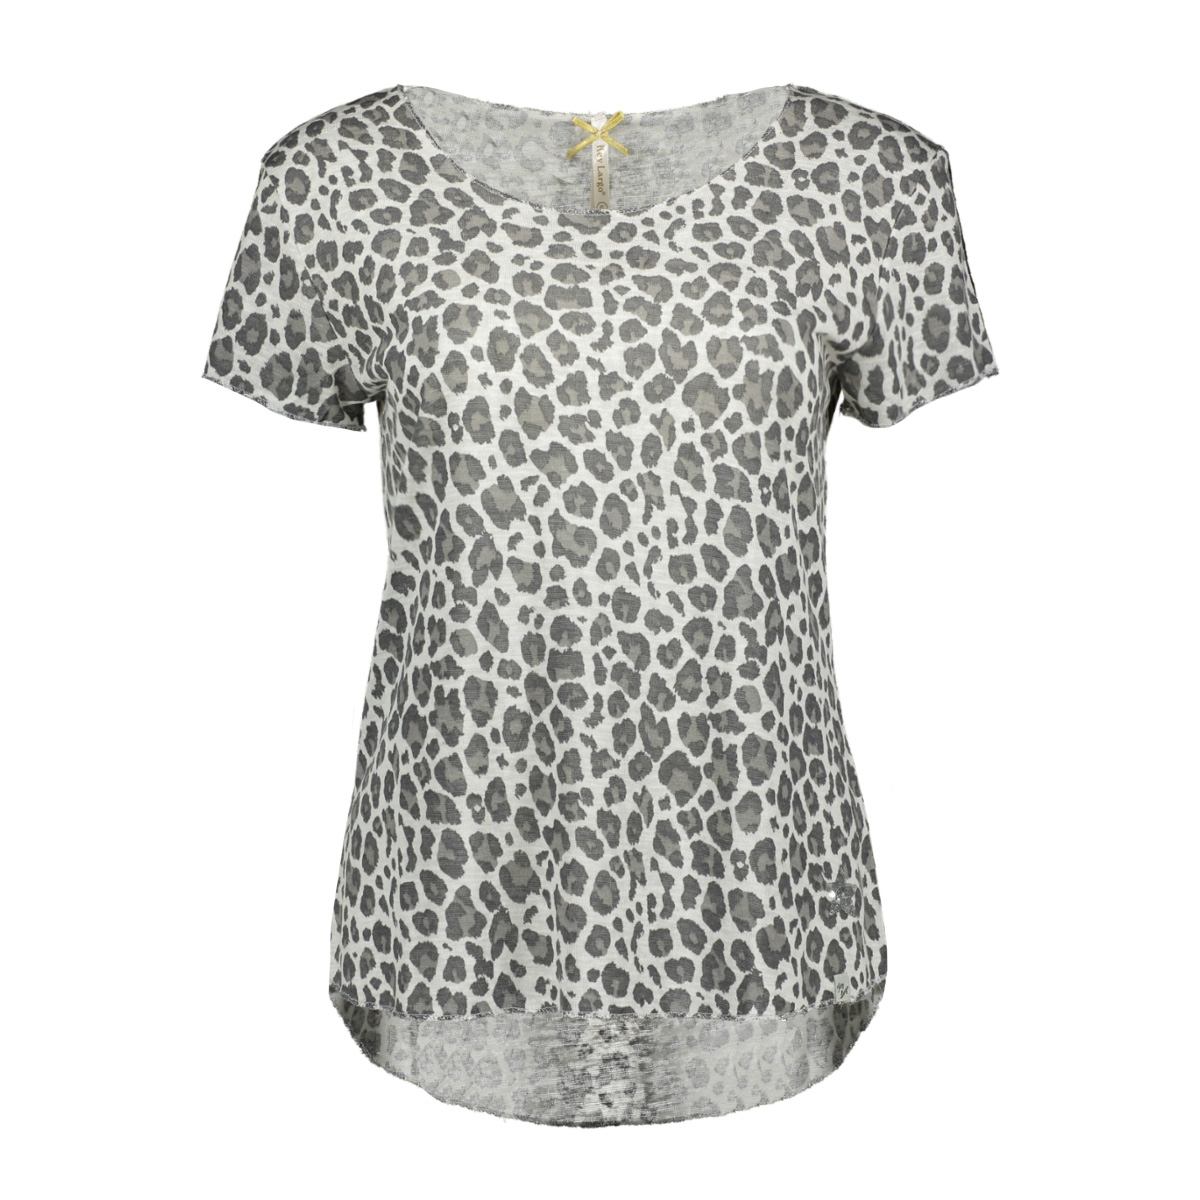 wt journey round wt00181 key largo t-shirt 1001 off white